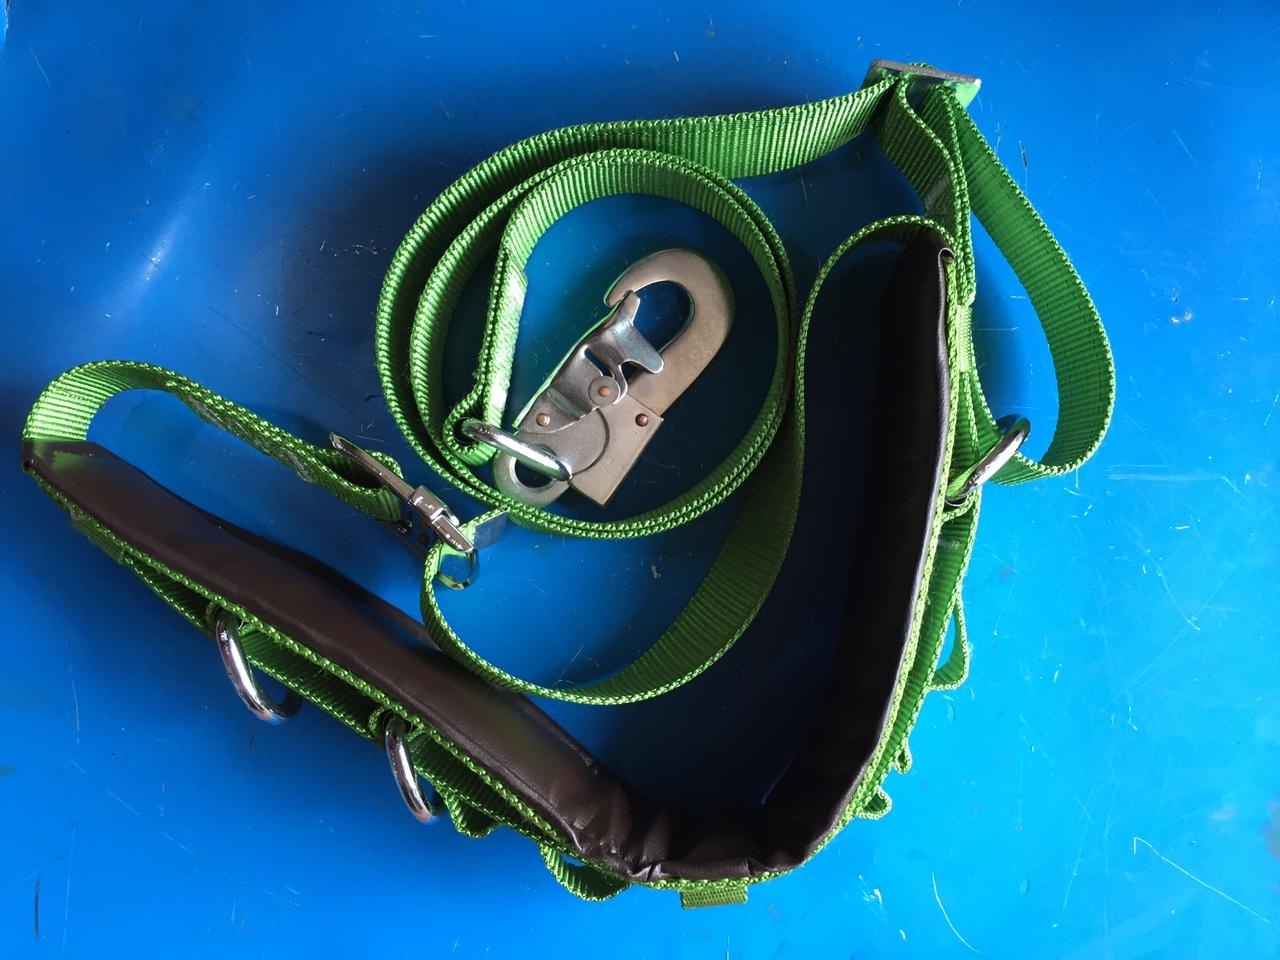 Dây an toàn lao động HAN-KO loại 1, dây an toàn trèo cột điện, dây bảo hiểm leo núi, dây bảo hiểm leo cây